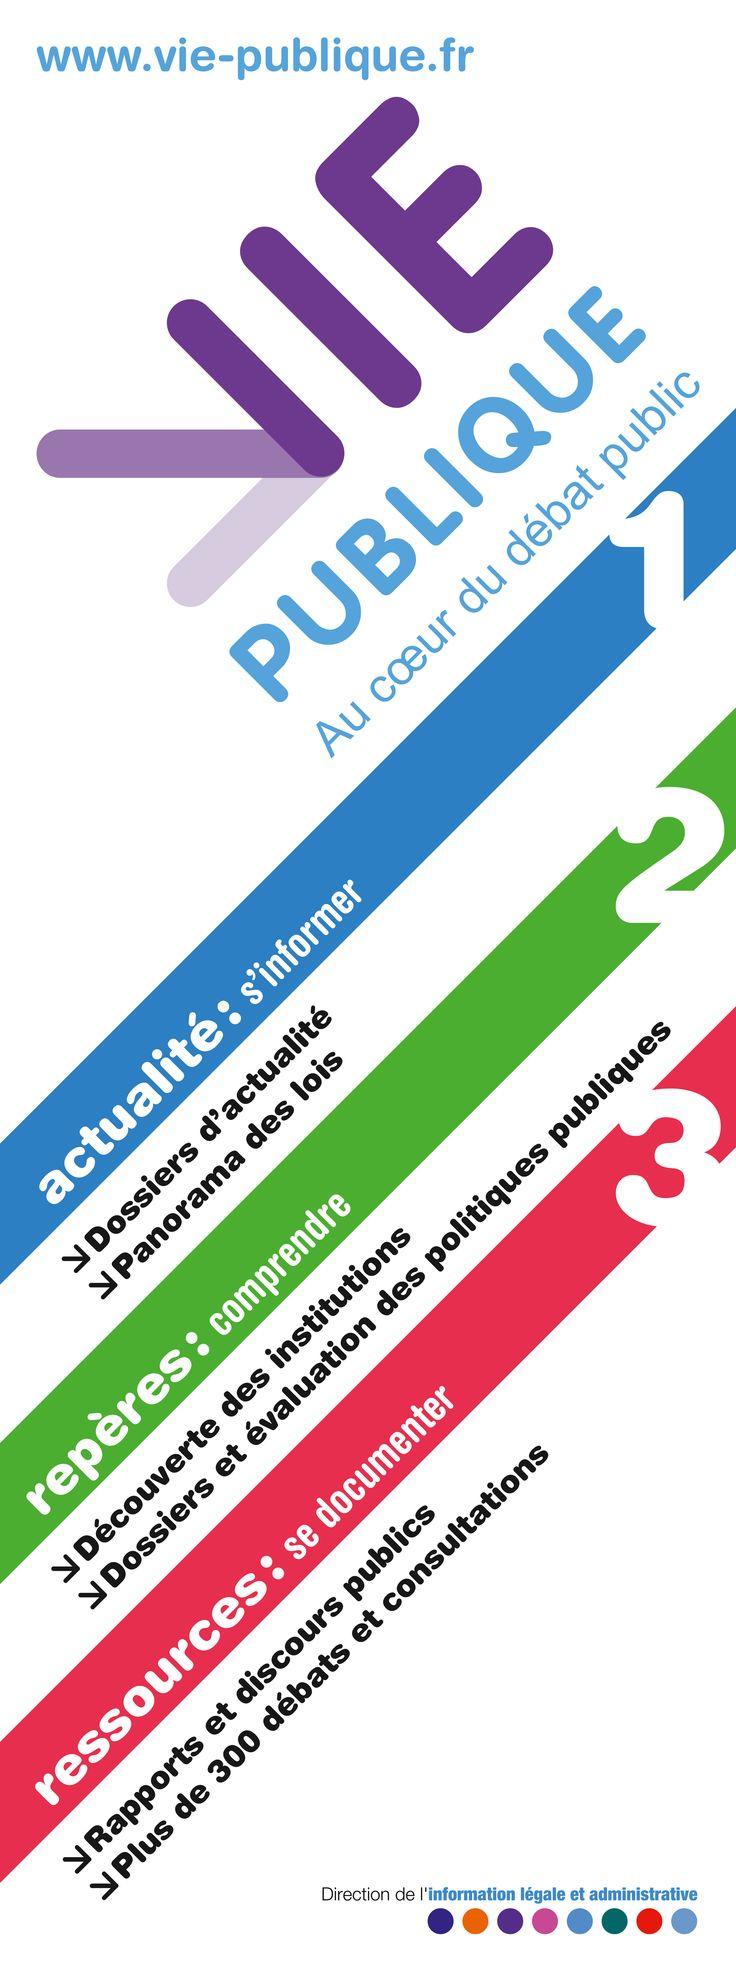 Visuel du kakemono du portail vie-publique.fr